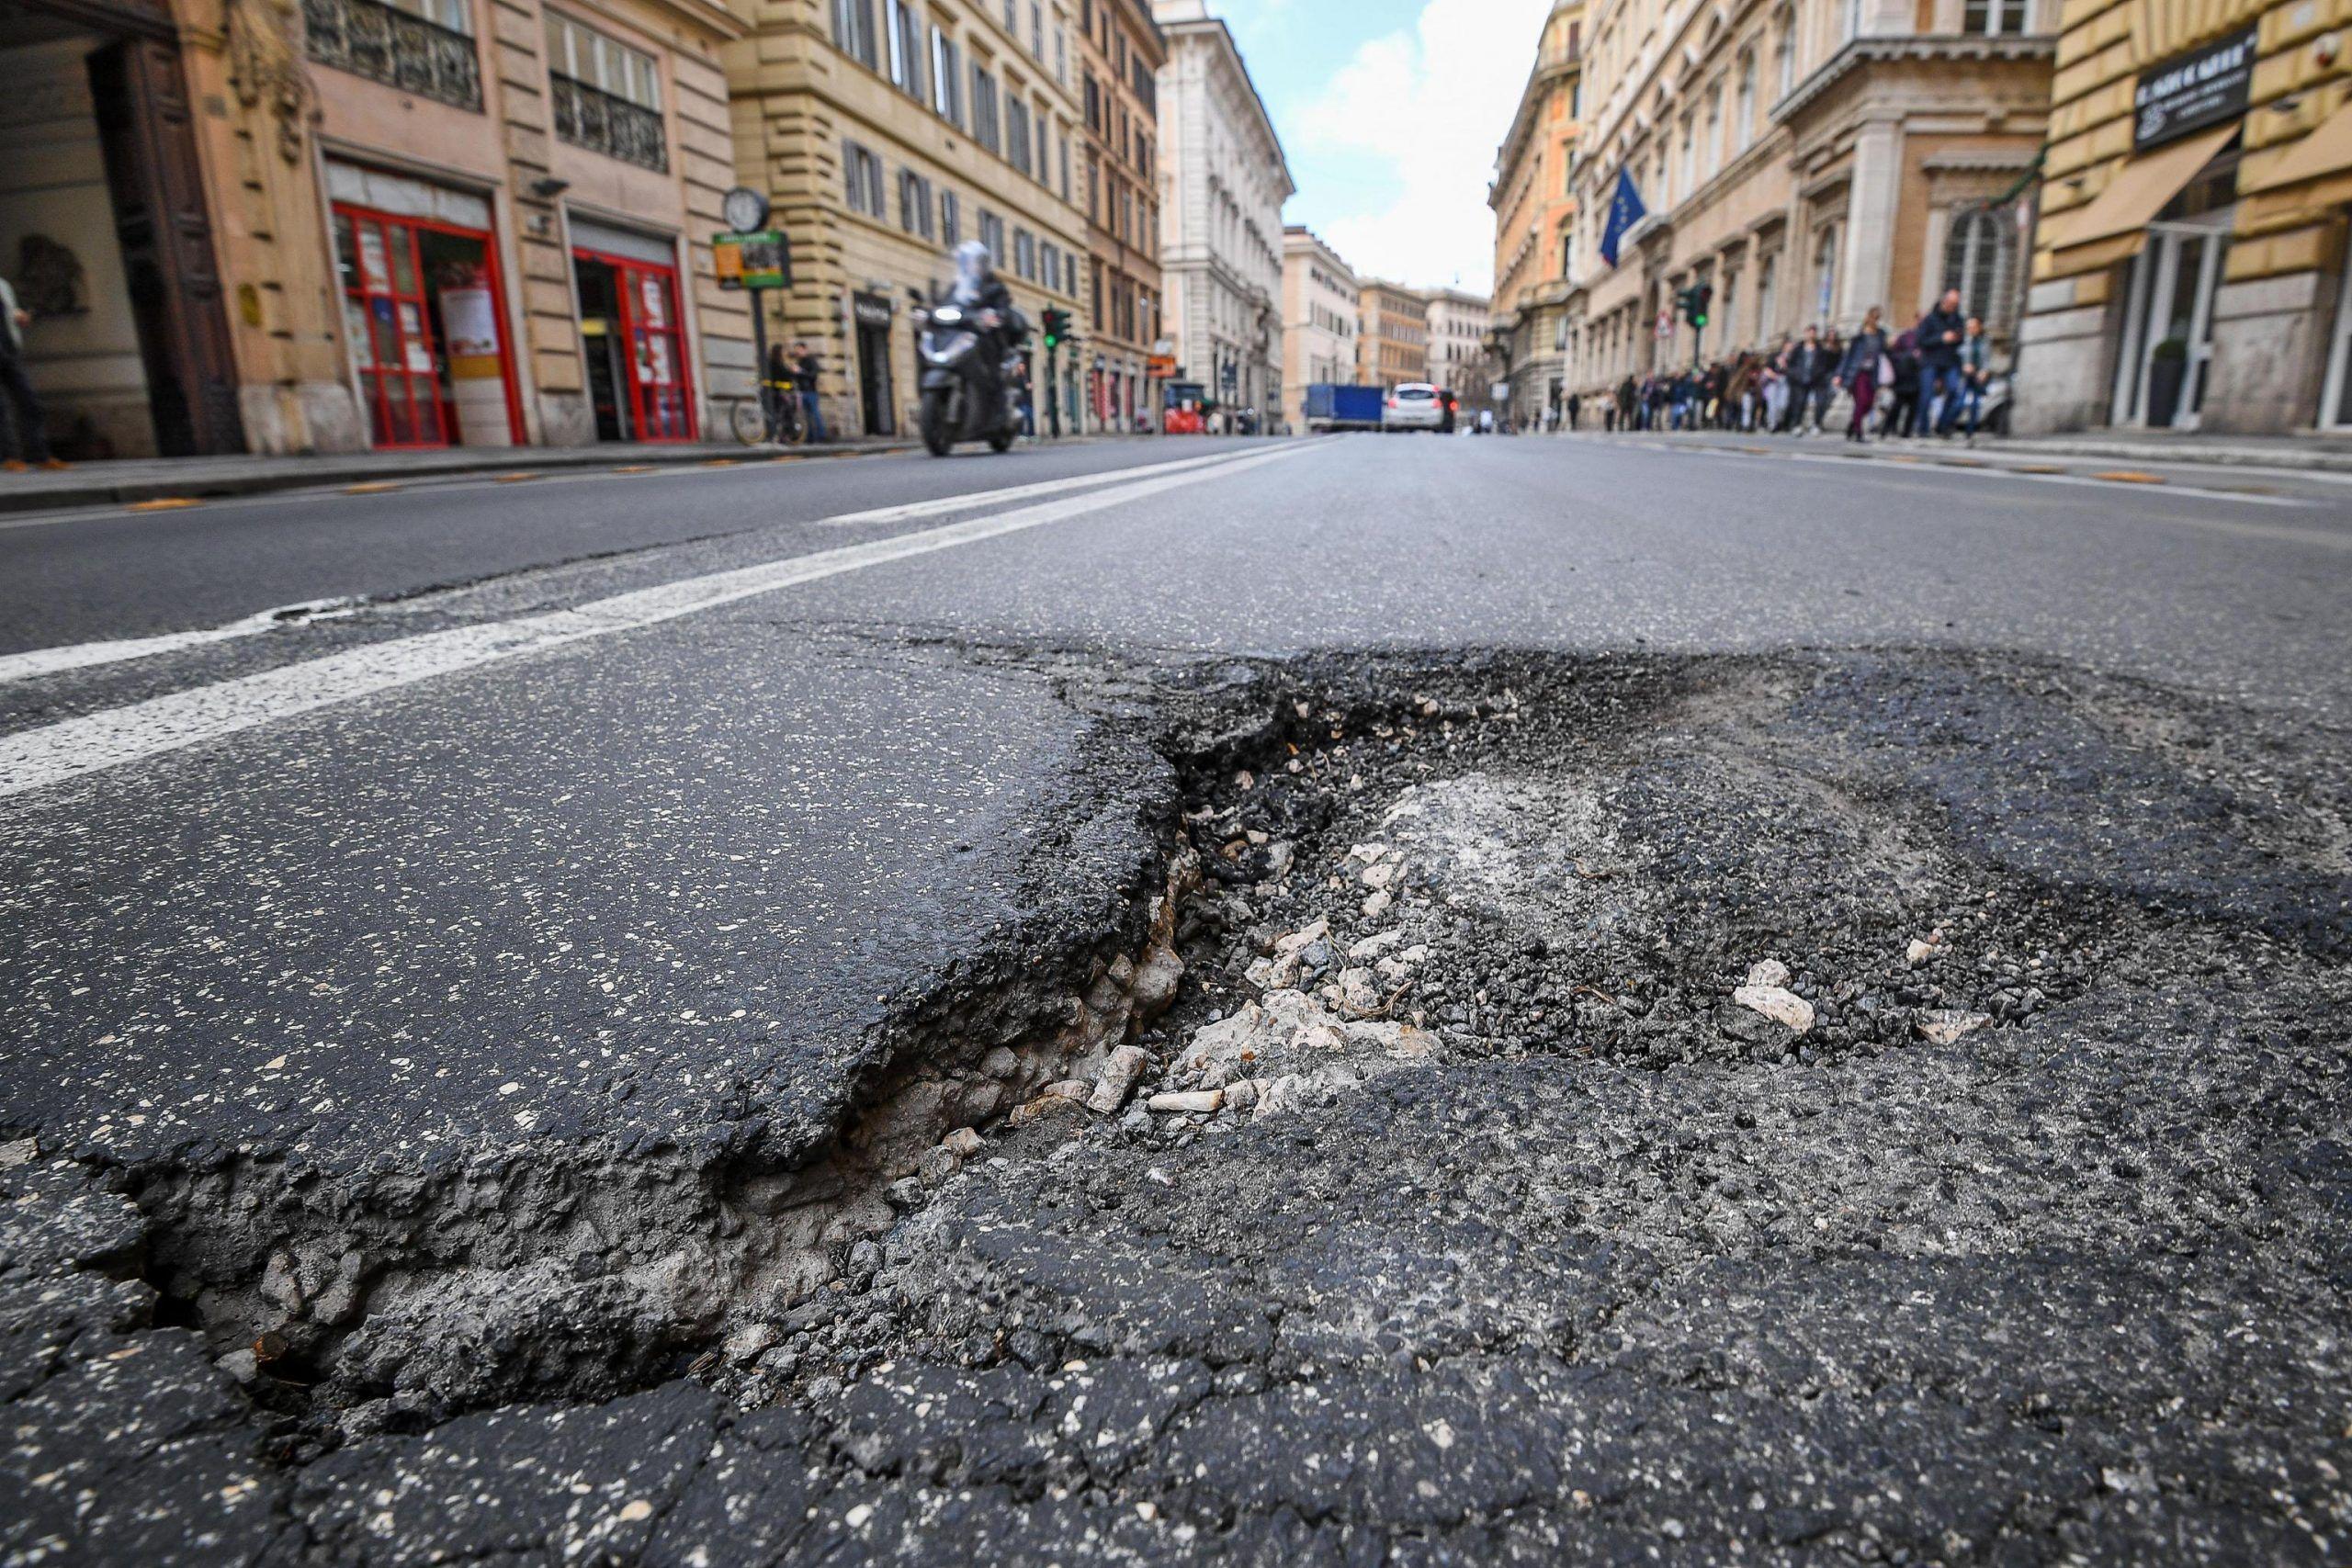 Buche stradali, chi paga i danni e come segnalarle